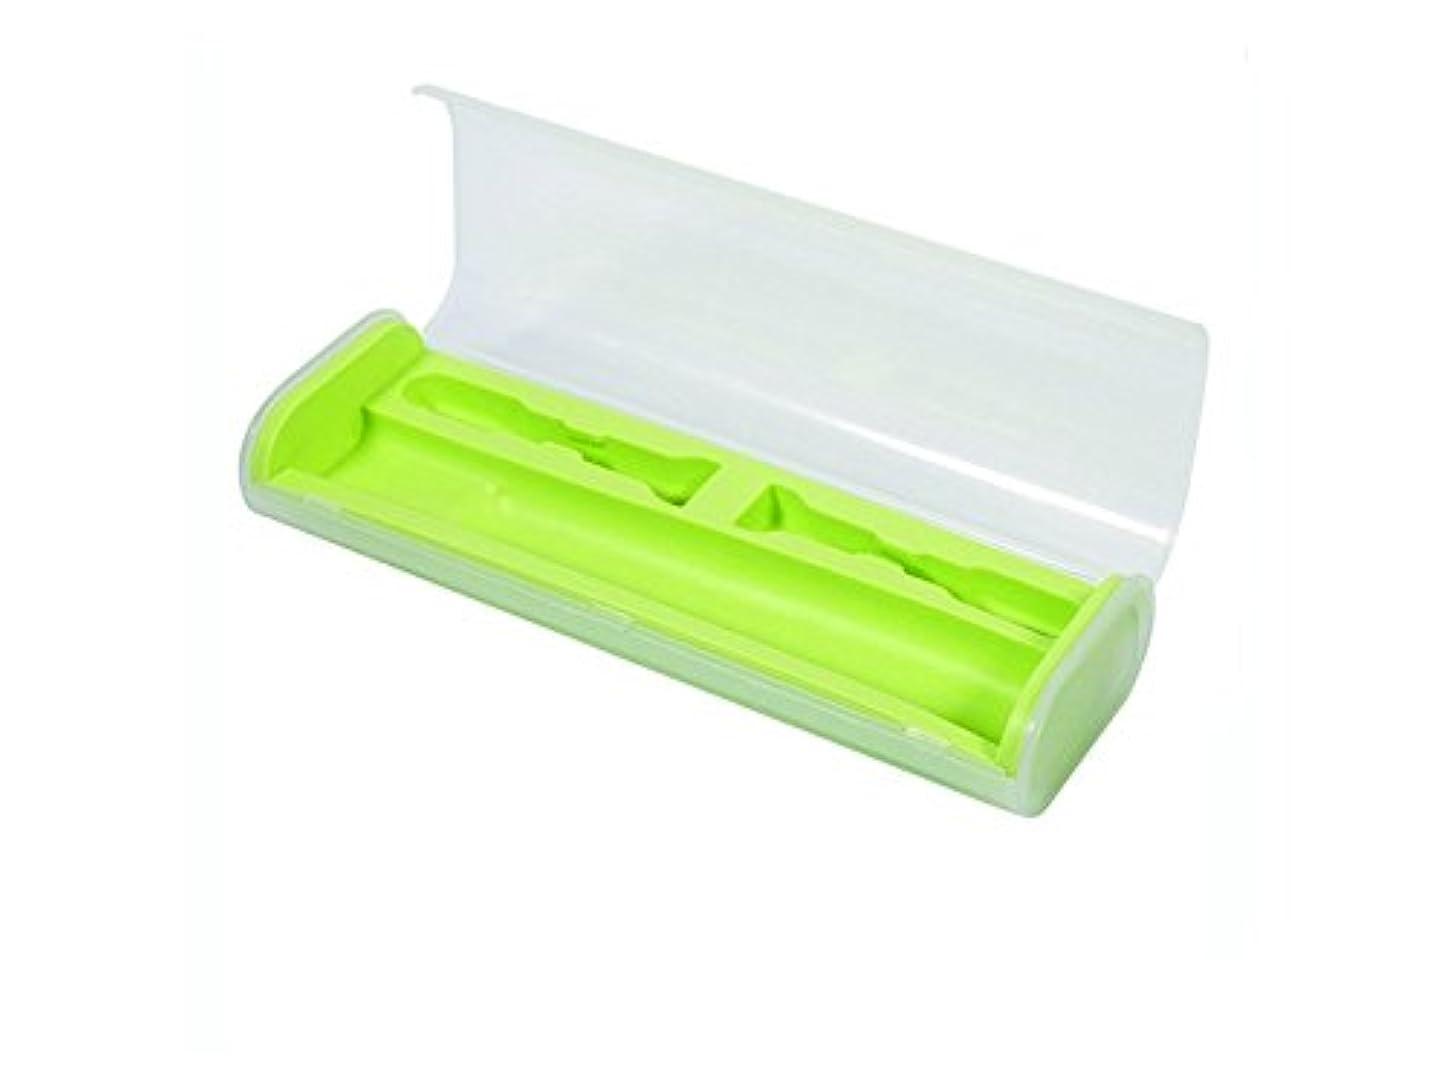 差別化する村カスタムOside 電動歯ブラシトラベルボックス歯ブラシポータブル歯のストレージボックス